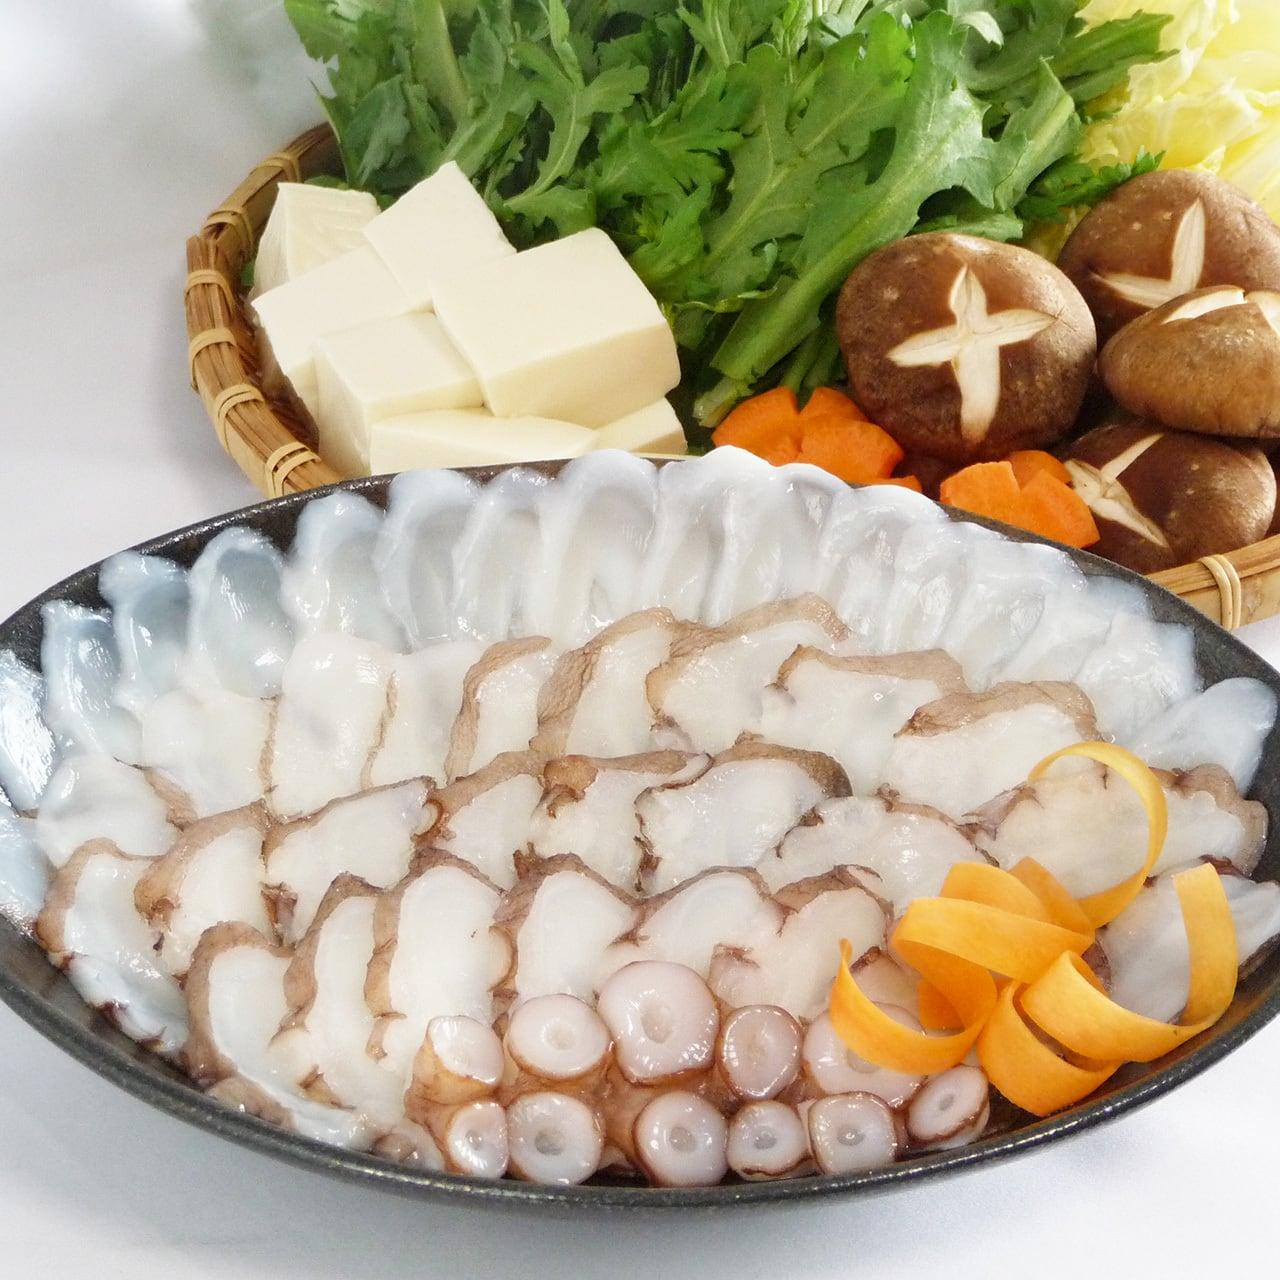 明石蛸のたこしゃぶ(3人用・210g)贈答用木箱入り【五つ星ひょうご選定品】